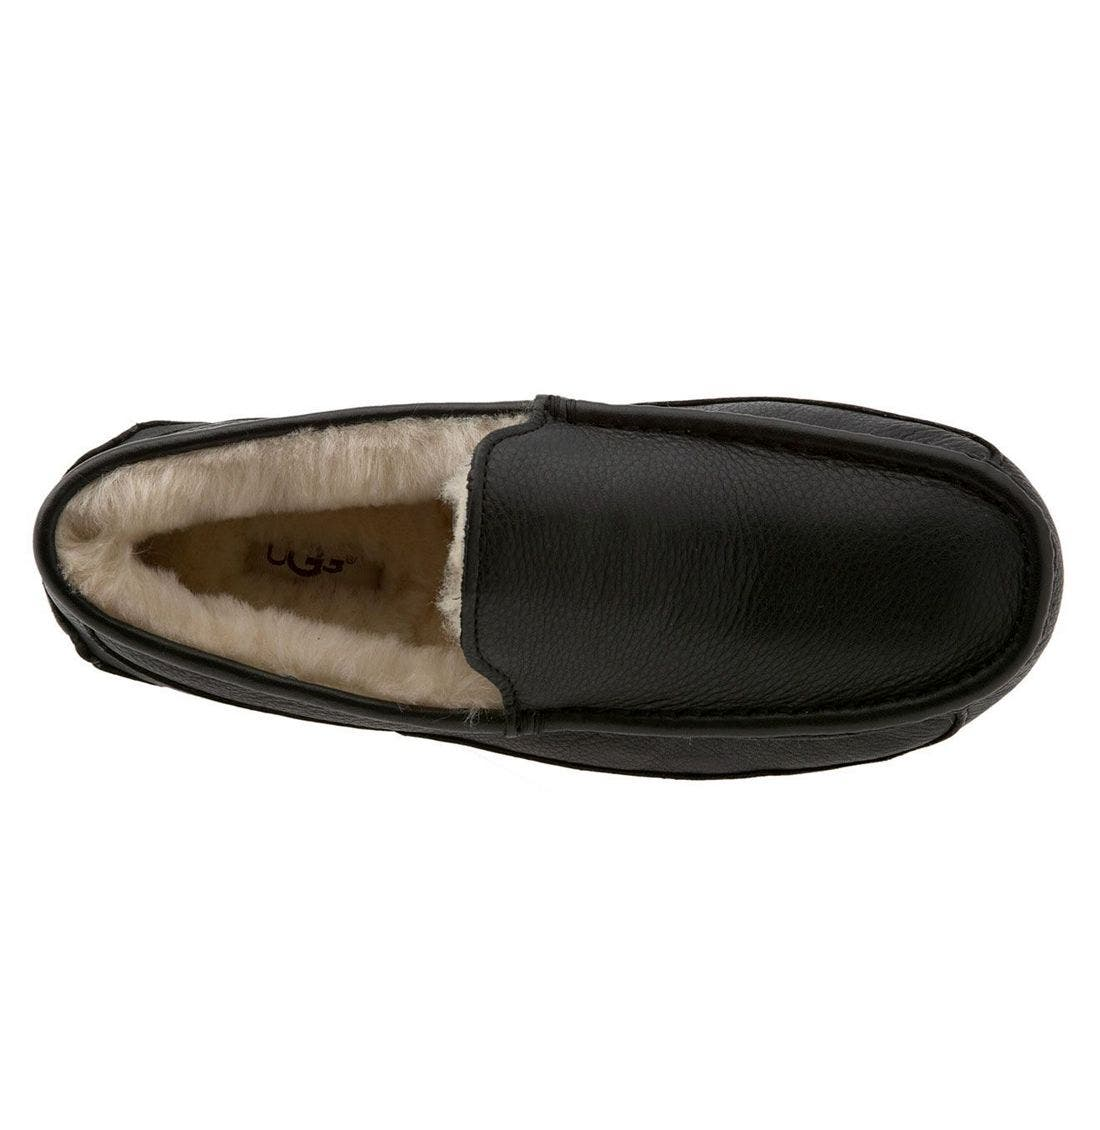 Alternate Image 3  - UGG® Ascot Leather Slipper (Men)